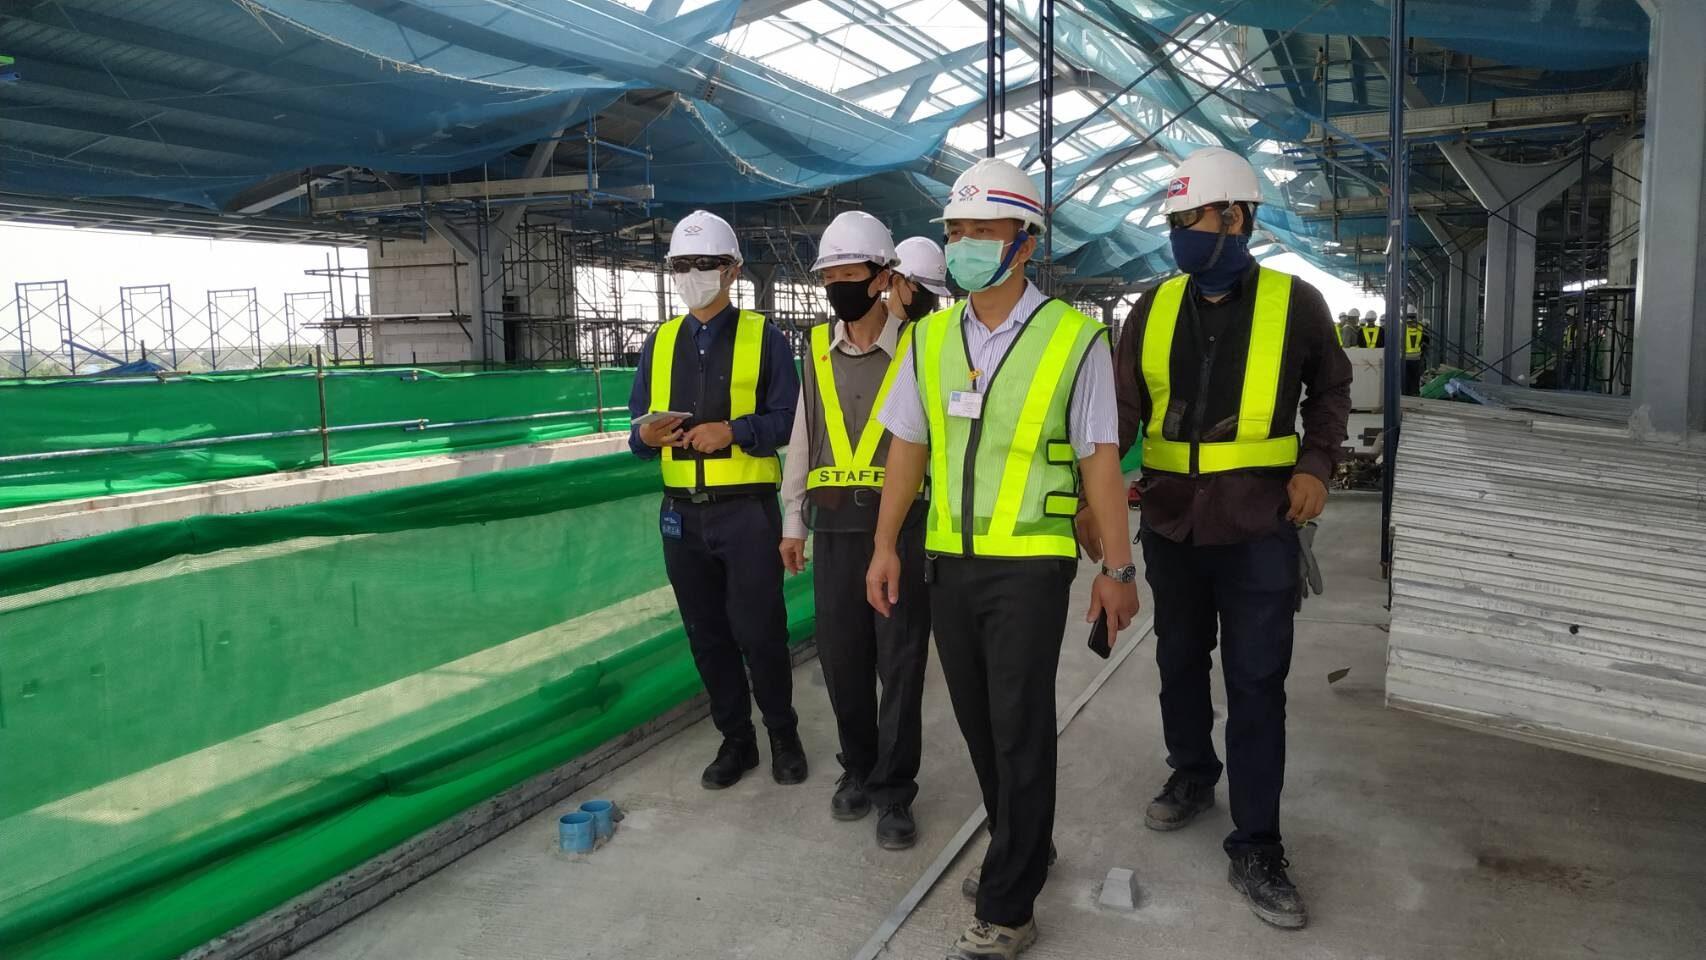 รฟม.คุมเข้มความปลอดภัยก่อสร้างรถไฟฟ้าสีชมพู สกัดอุปกรณ์ร่วงหล่นพื้นถนน